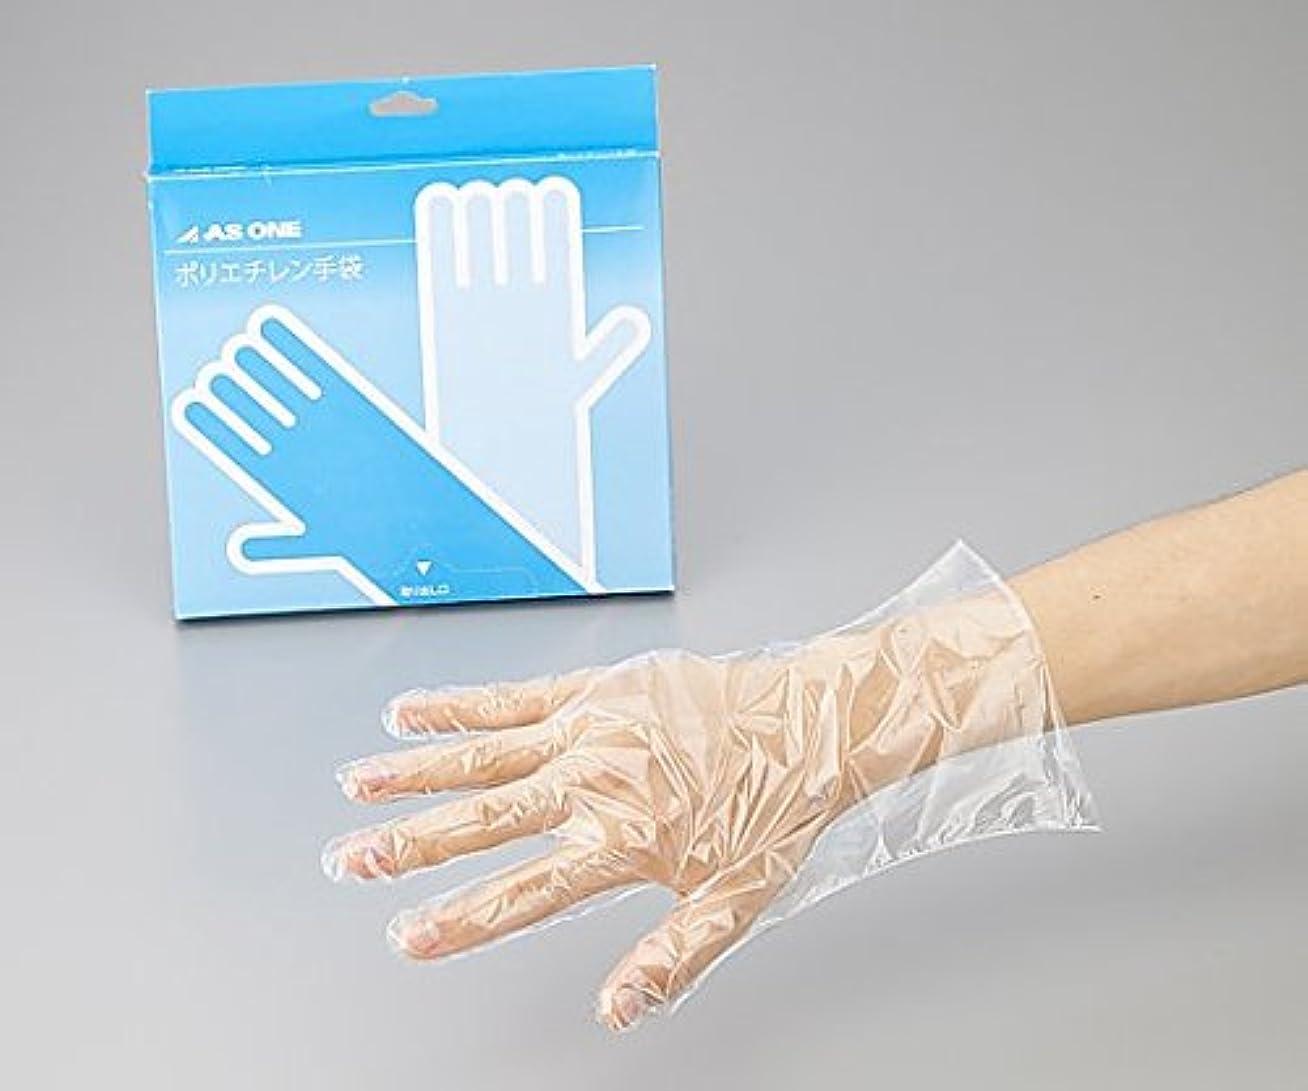 不利オフェンス発疹アズワン2-4973-02ポリエチレン手袋スタンダード標準厚M100枚入